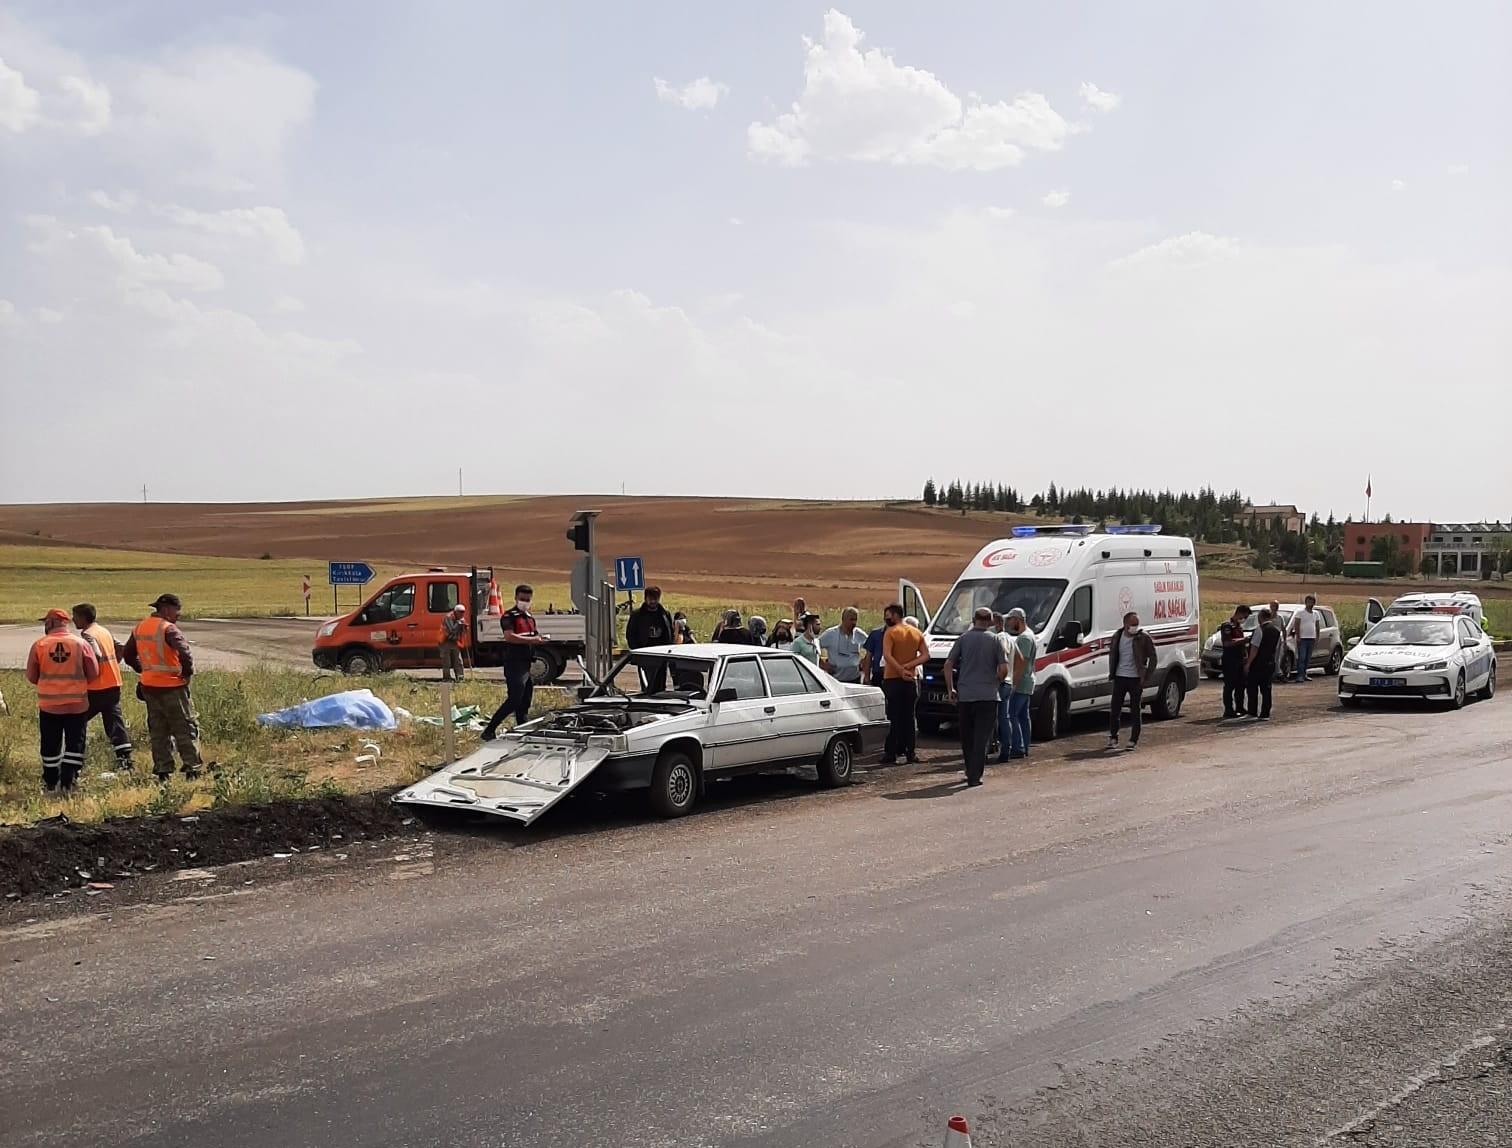 Kırıkkale'de iki otomobil çarpıştı: 1 ölü, 2 yaralı